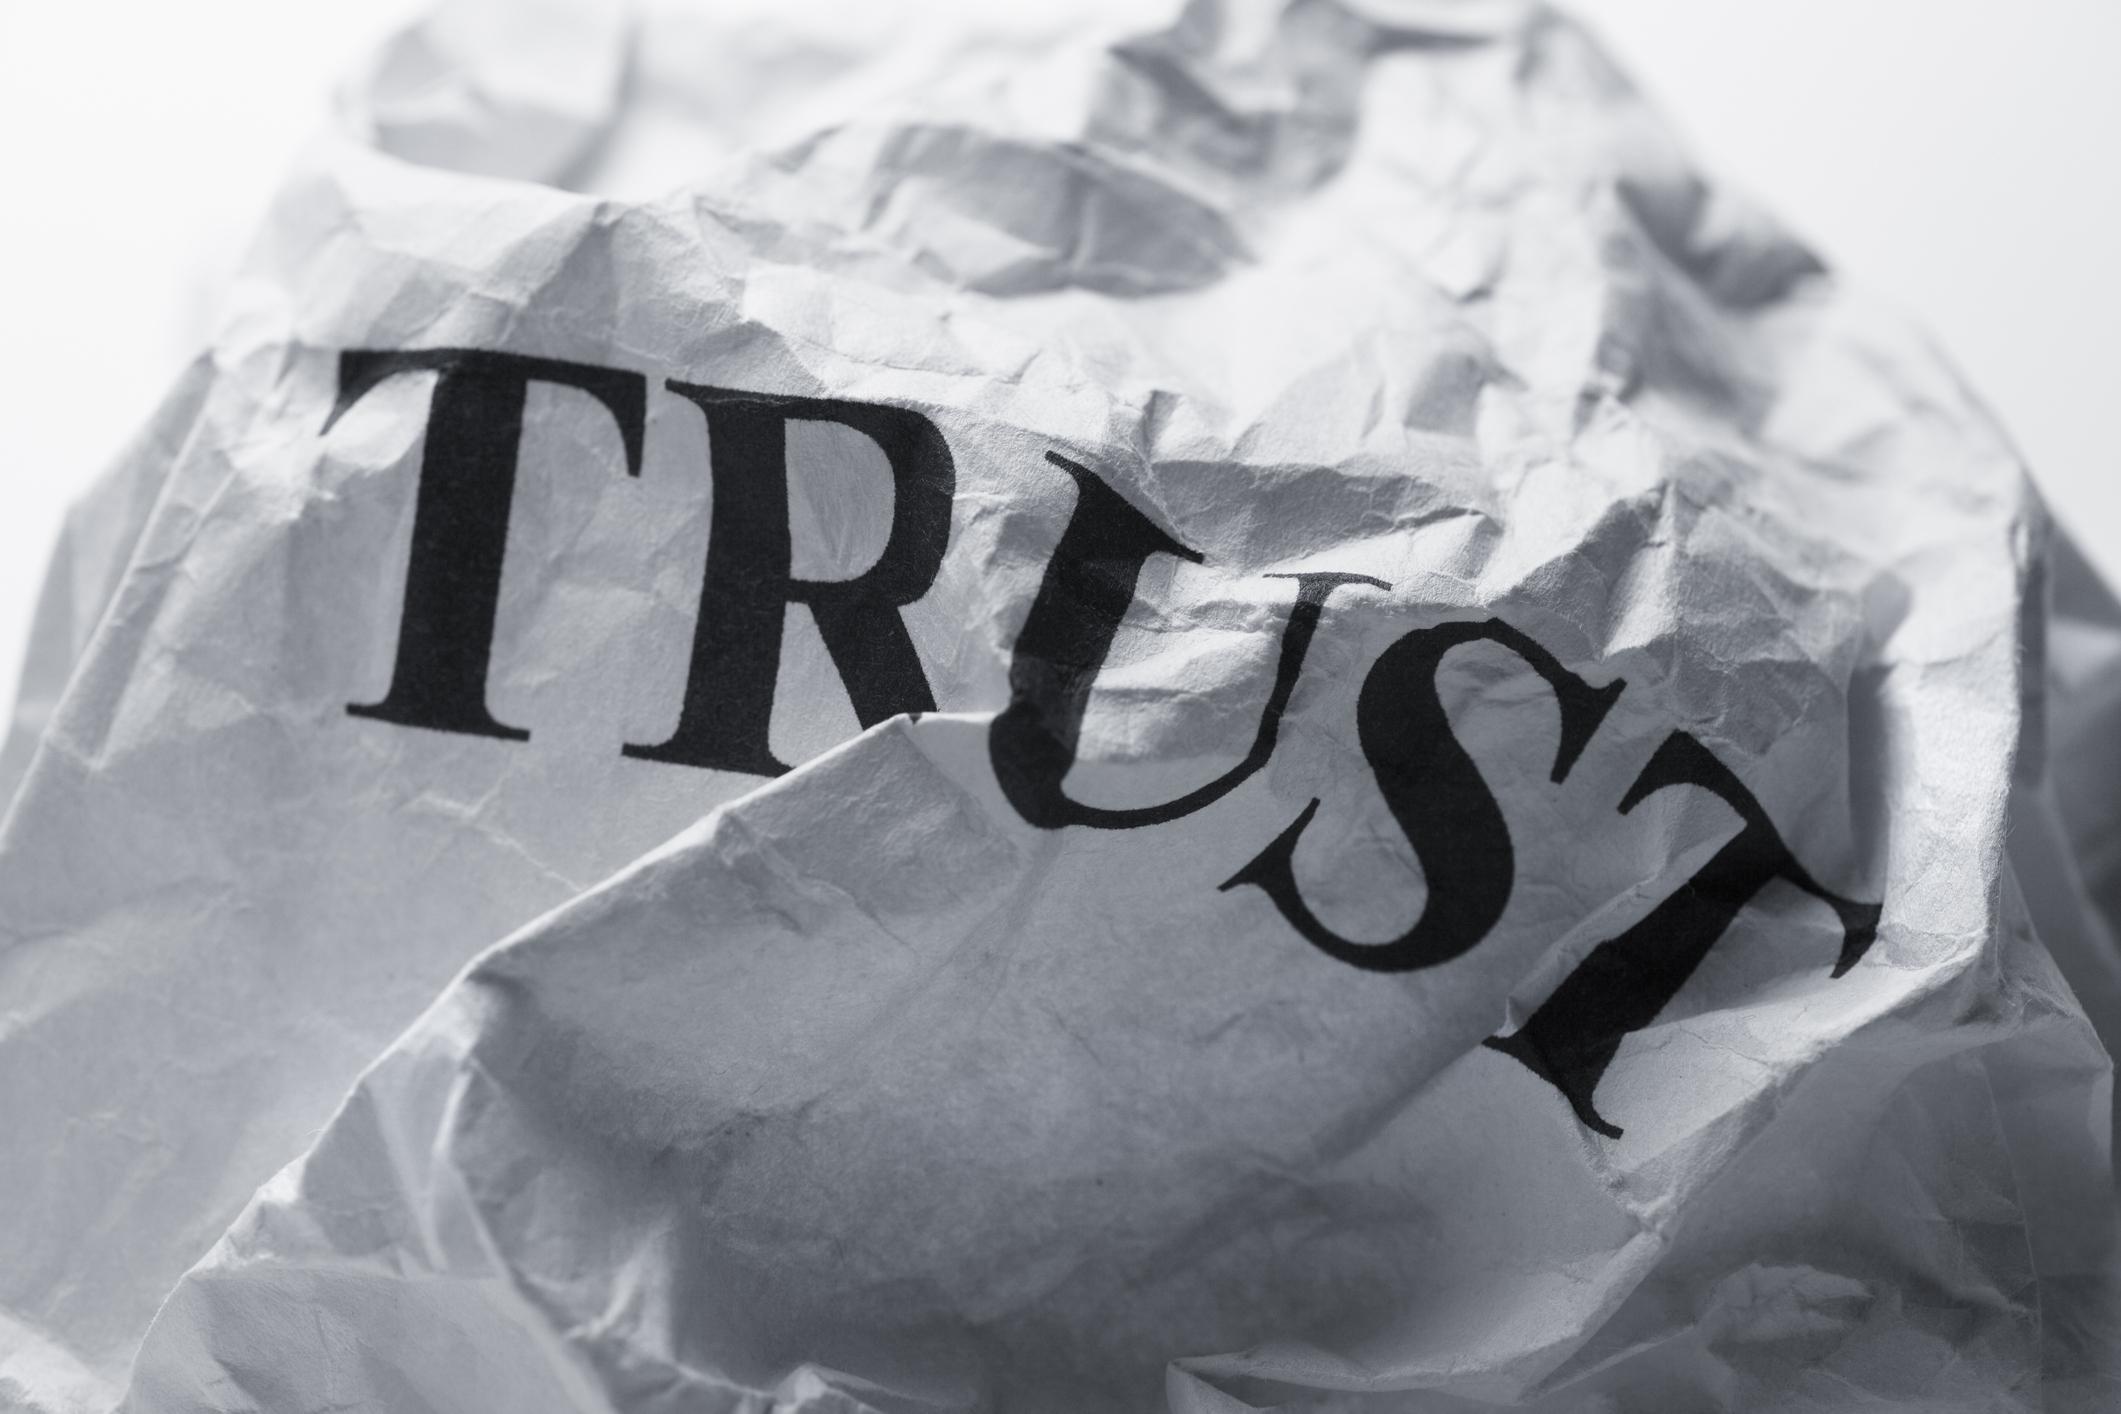 Trust_crumpled paper.jpg